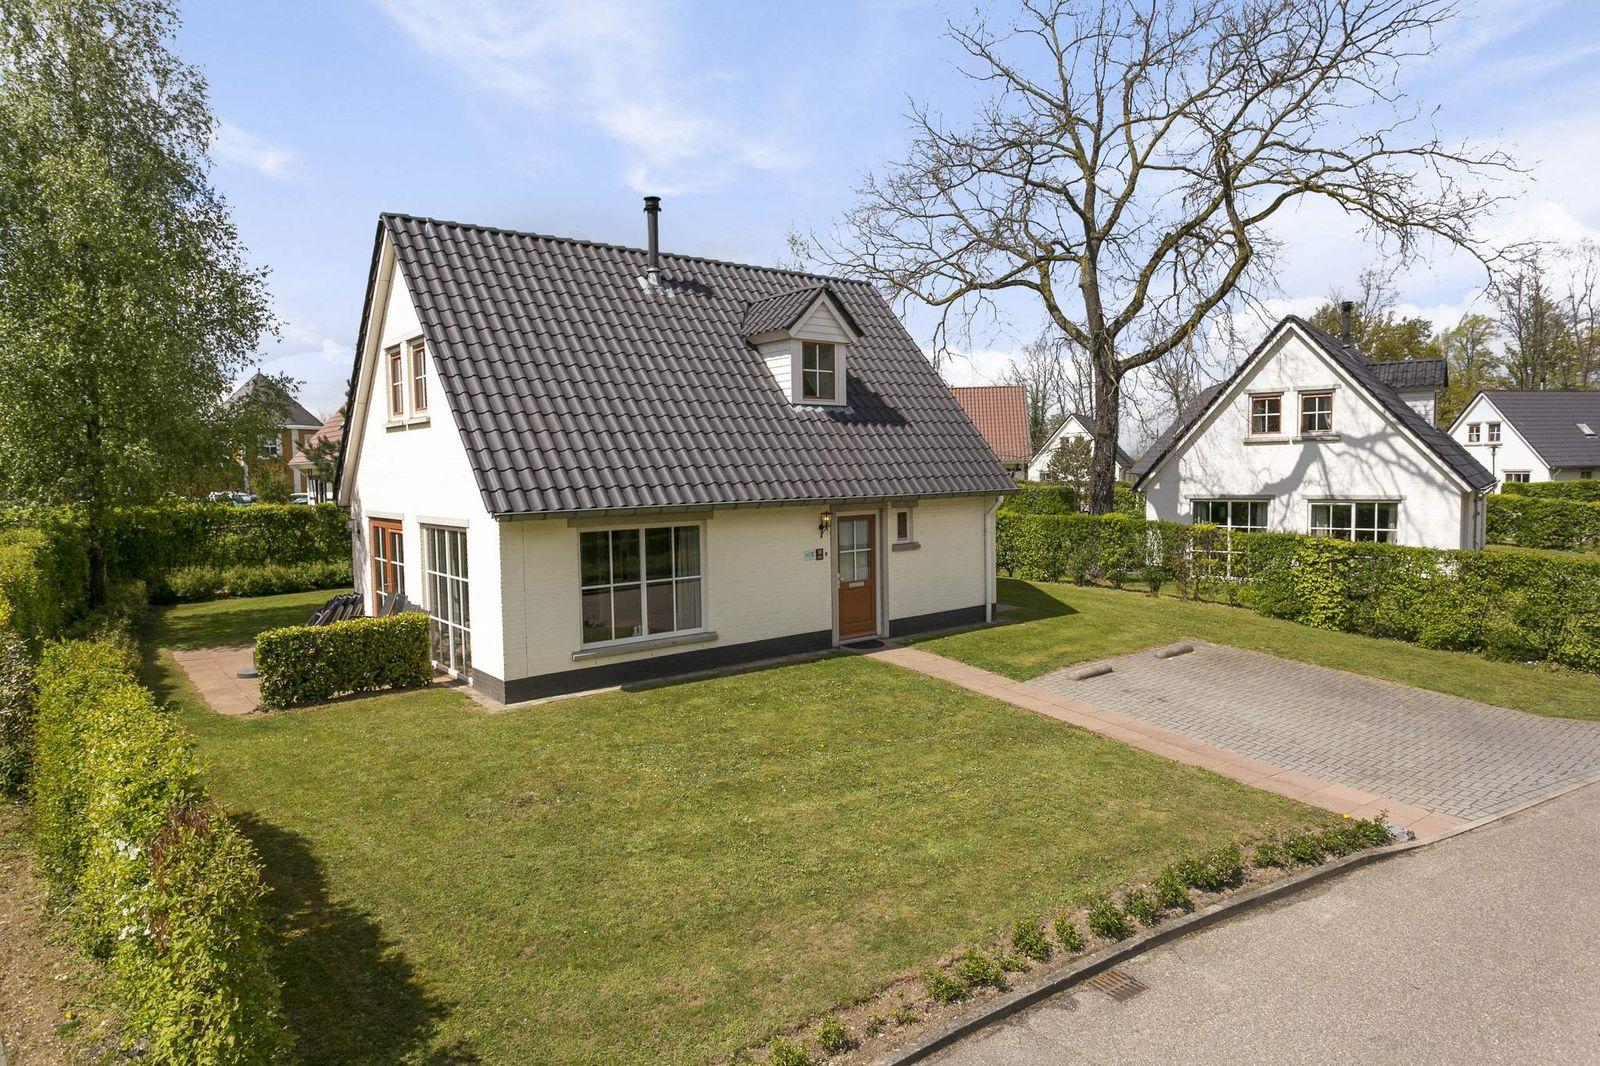 Cauberg 29-018, Valkenburg